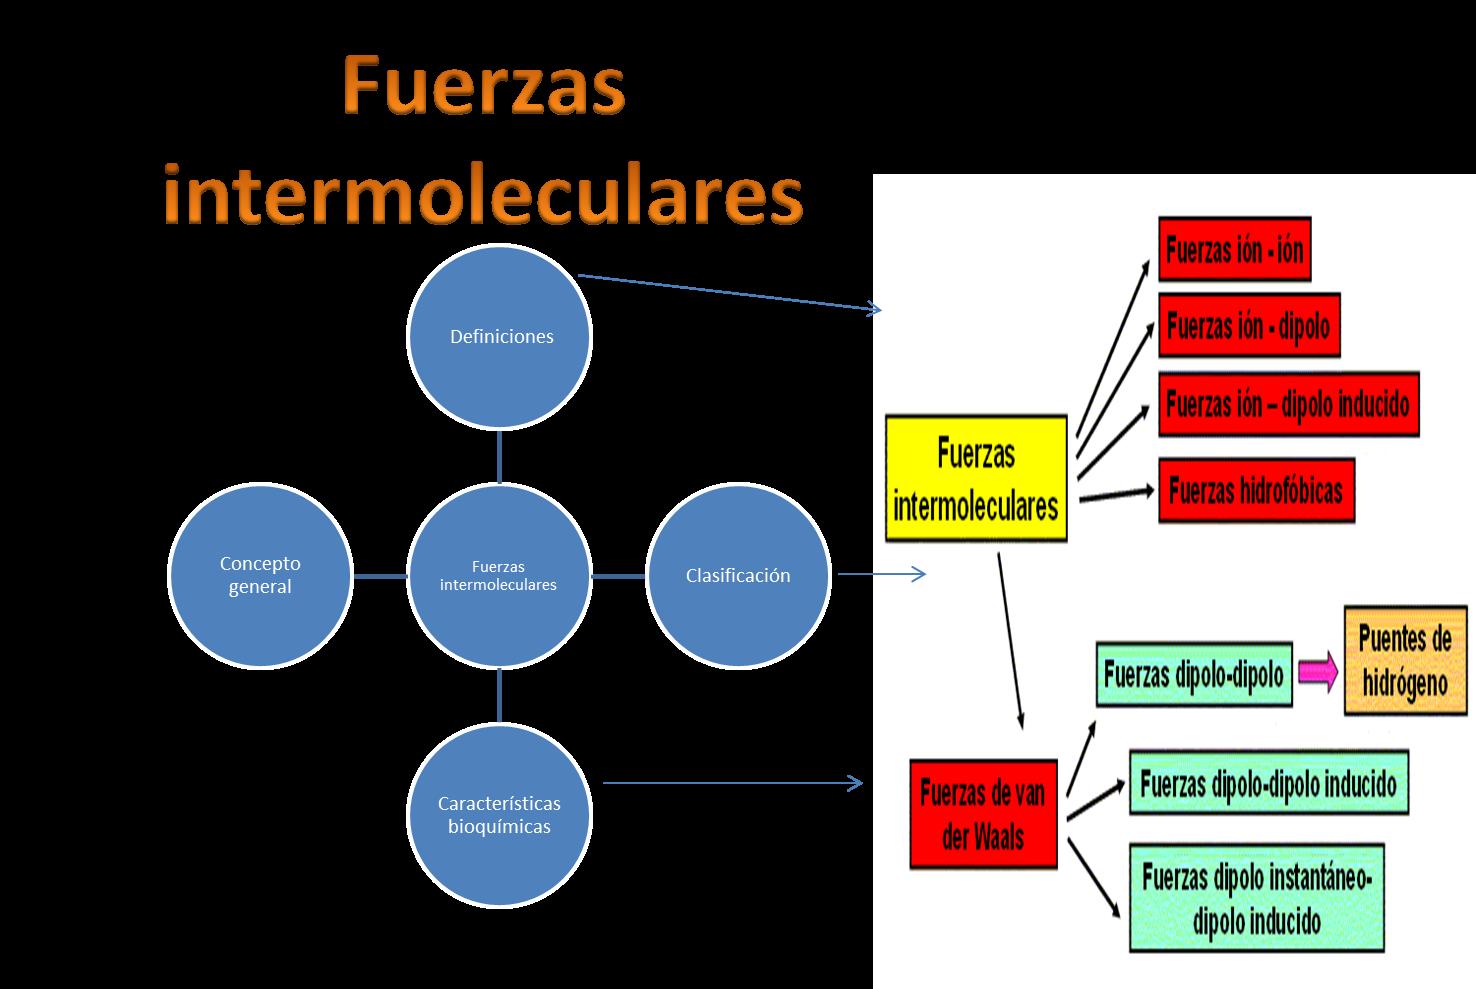 cuadro sinoptico de las fuerzas intermoleculares